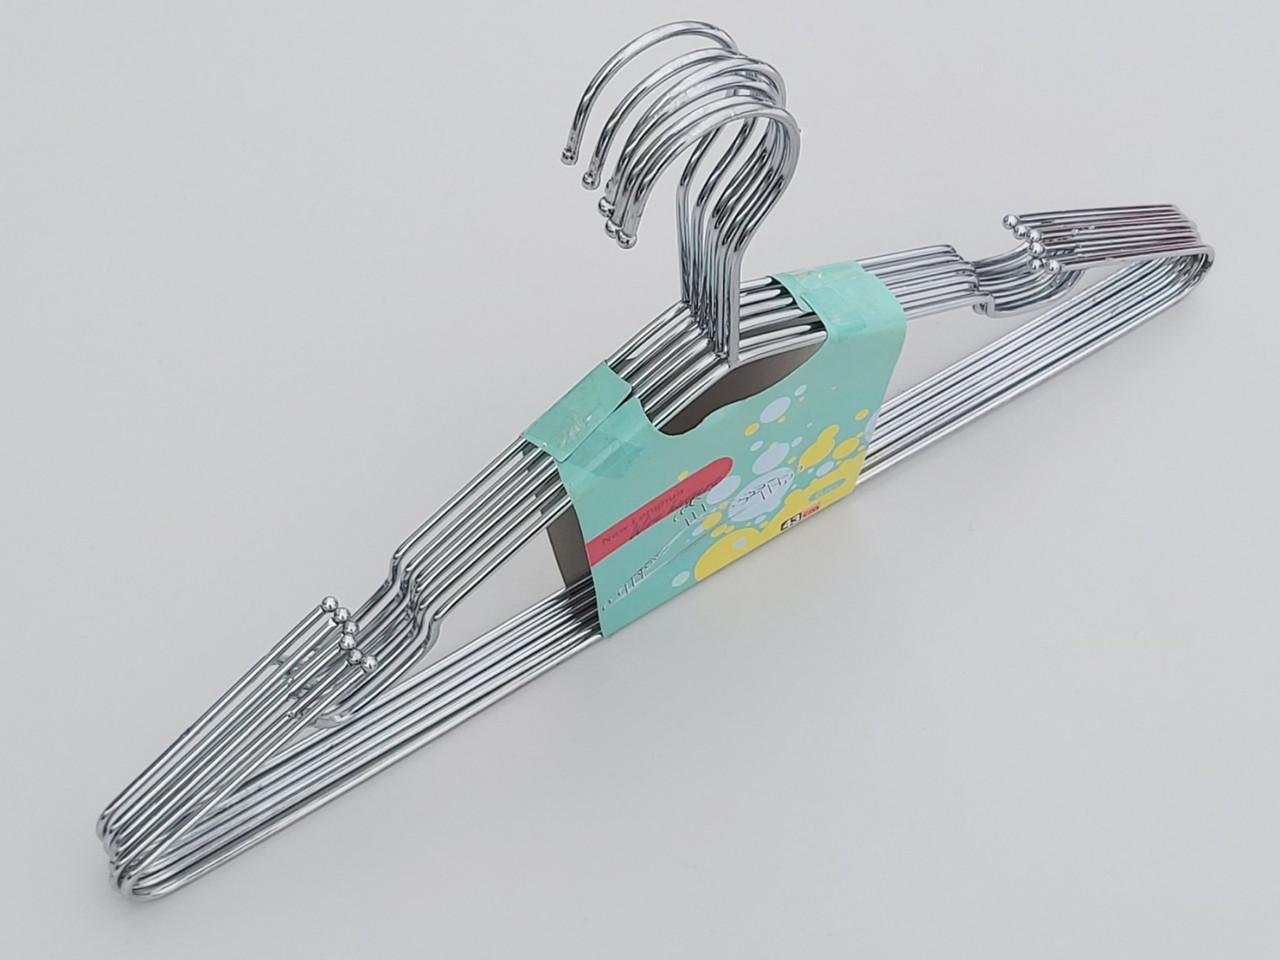 Плечики металлические хромированные с вырезами, длина 43 см, 6 штук в упаковке